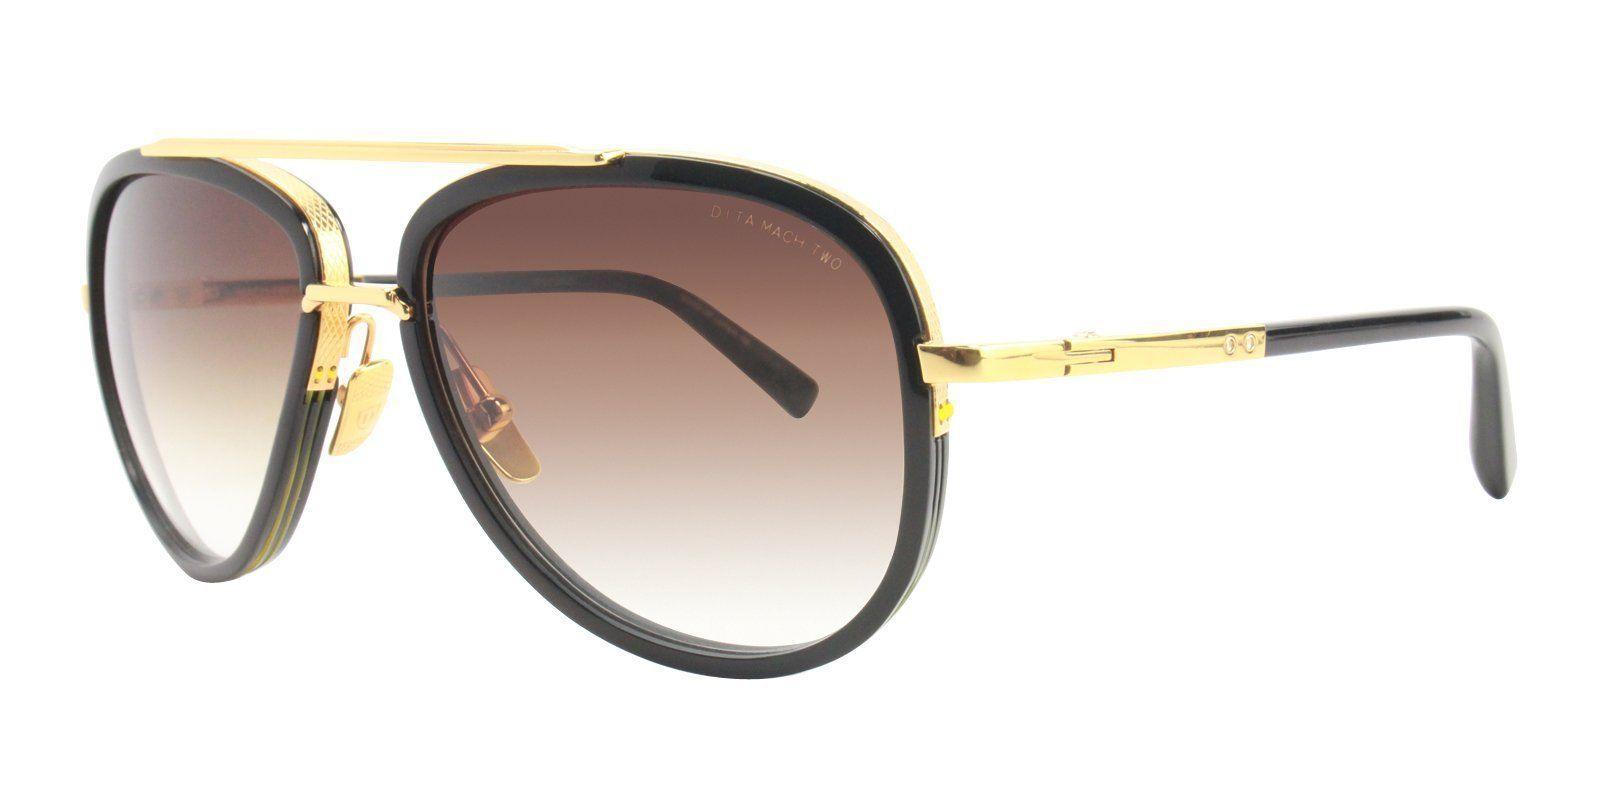 57eafac75e6 Dita - Mach Two Gold - Brown sunglasses